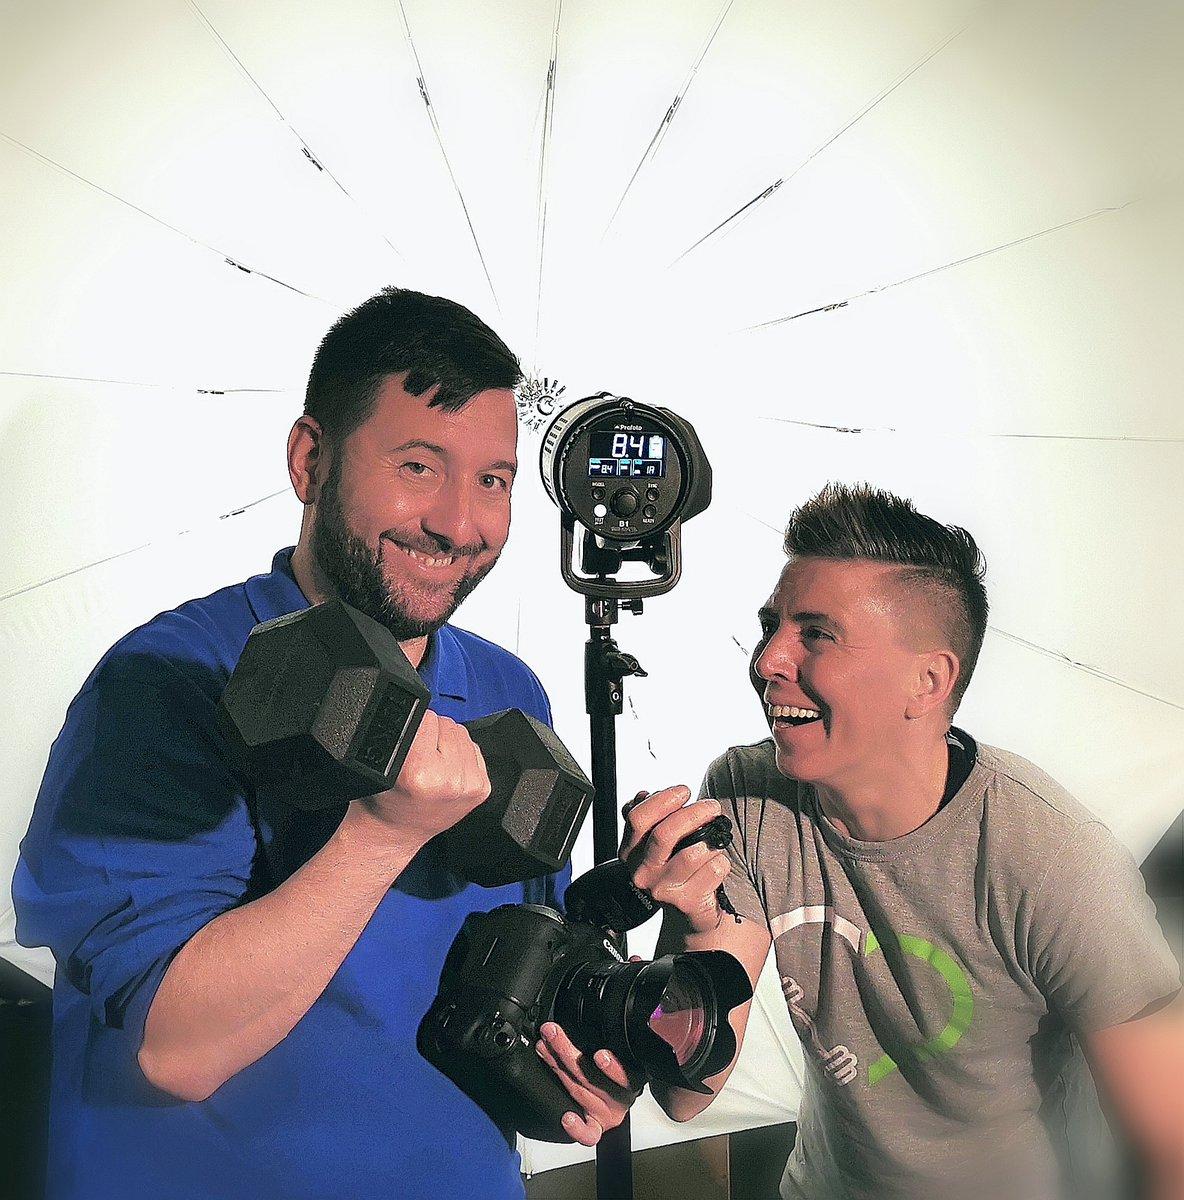 Fitness Fotoshooting mit der lieben Barbara Holz und einer disziplinierten durchtrainierten Power-Truppe mit gutem Workout ;) @machtdich.fit #fotoshooting #shooting #training #picoftheday #fitness #saarland #Canon #picoftheday #lovemyjob #fitness #fotograf #fotos  #saarbrückenpic.twitter.com/t5deDL913R